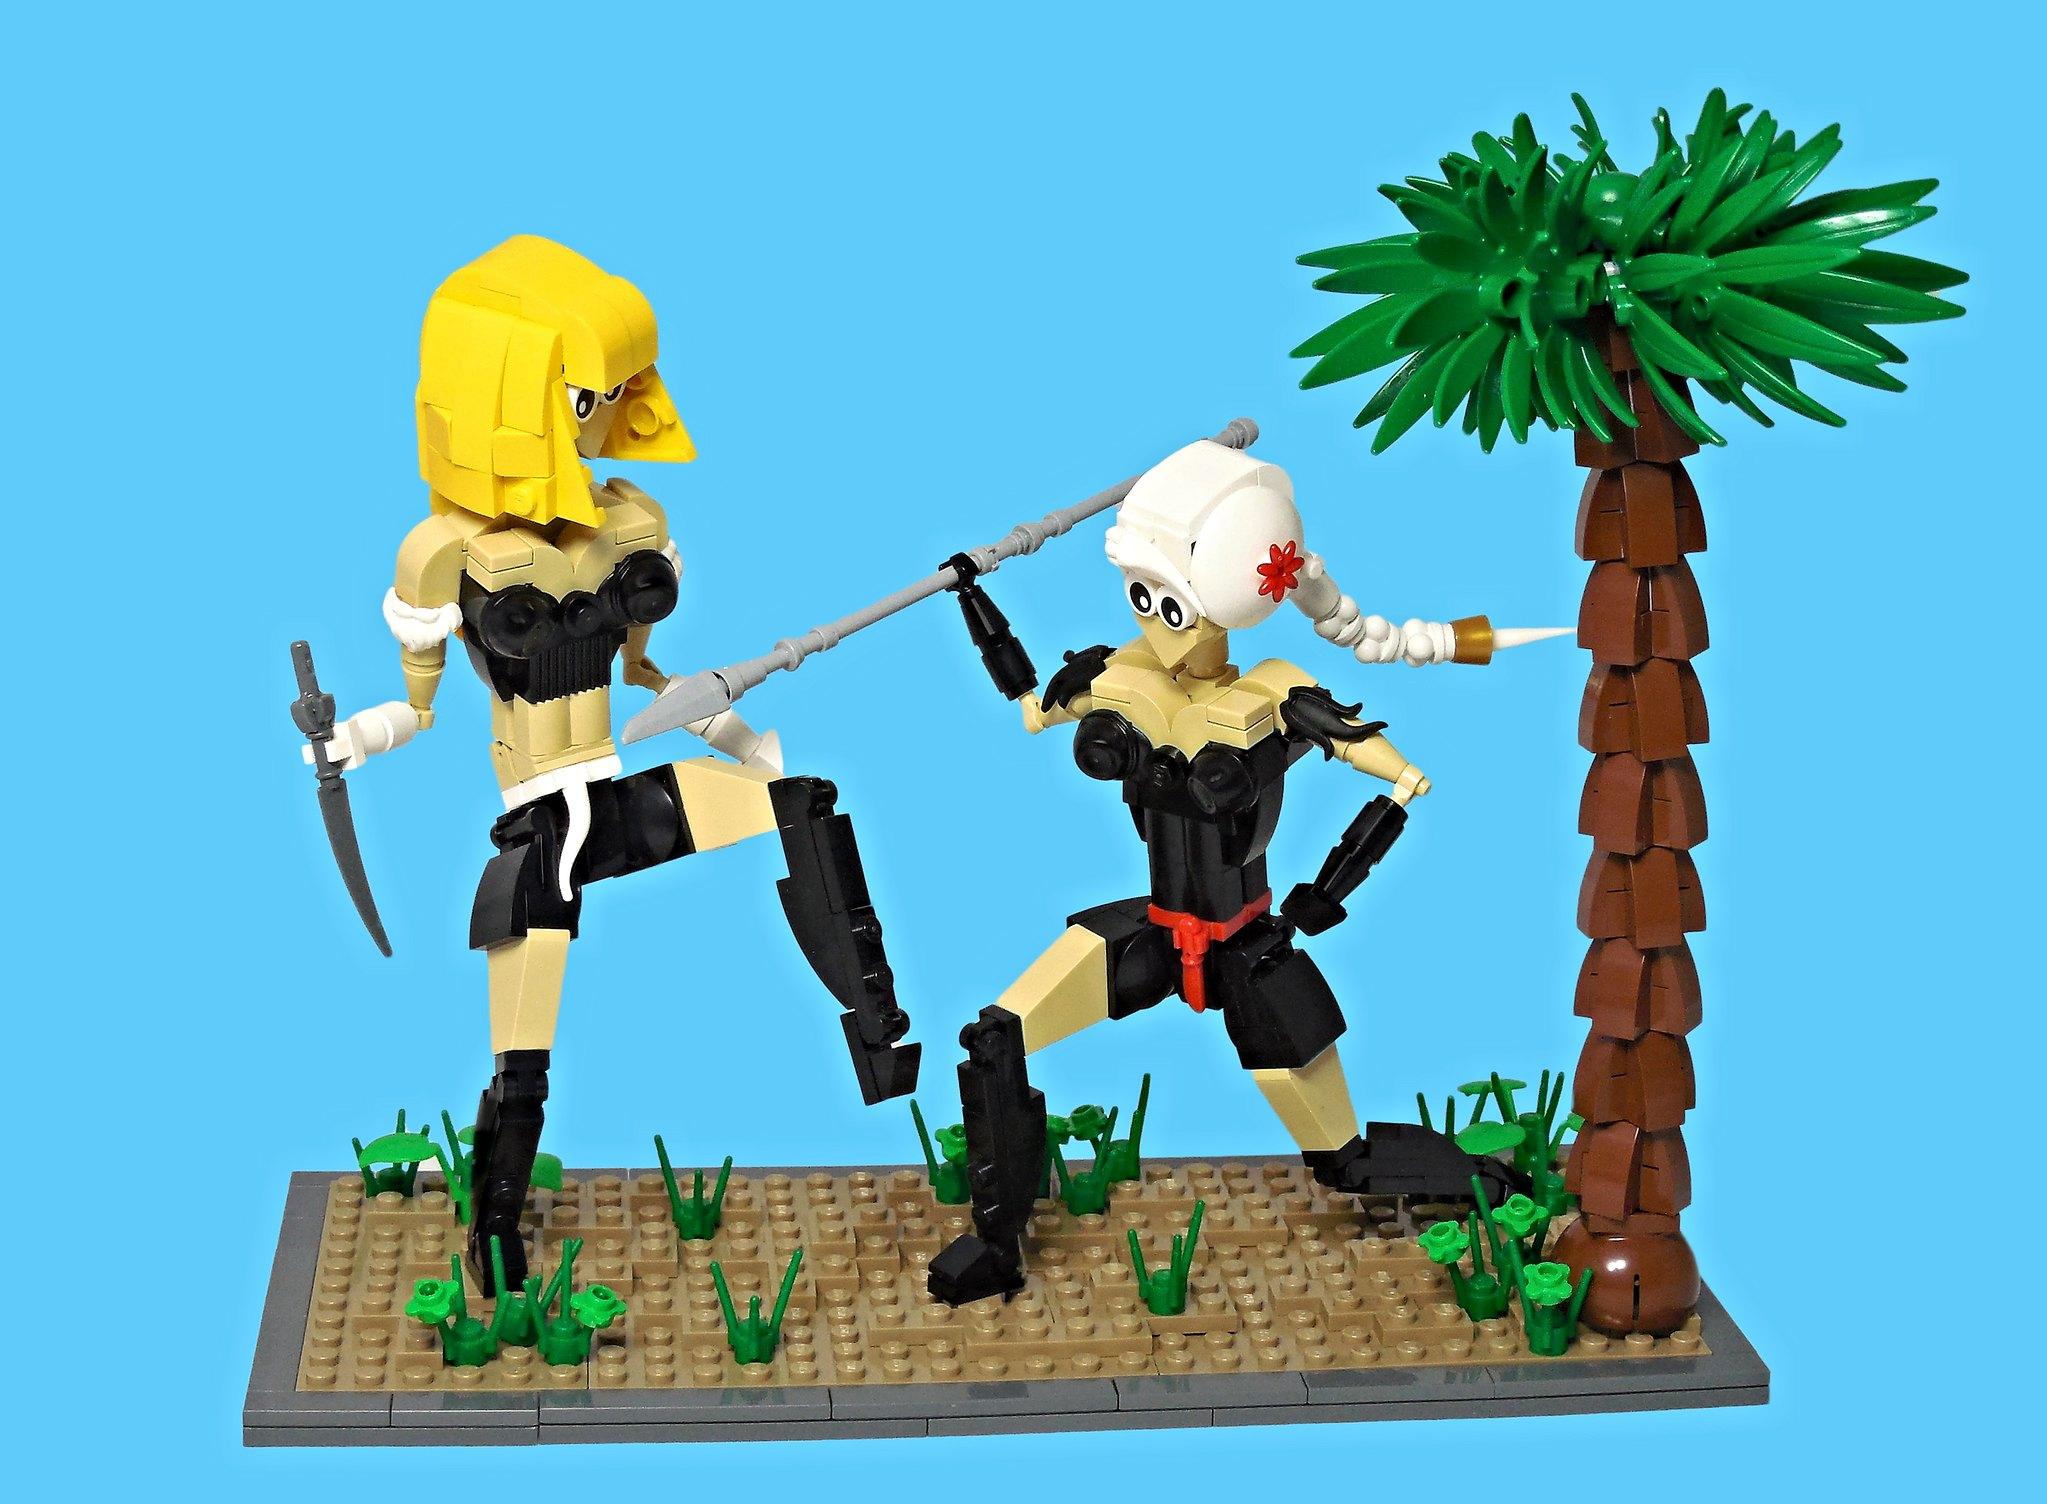 LEGO® MOC by Vitreolum: Catfight